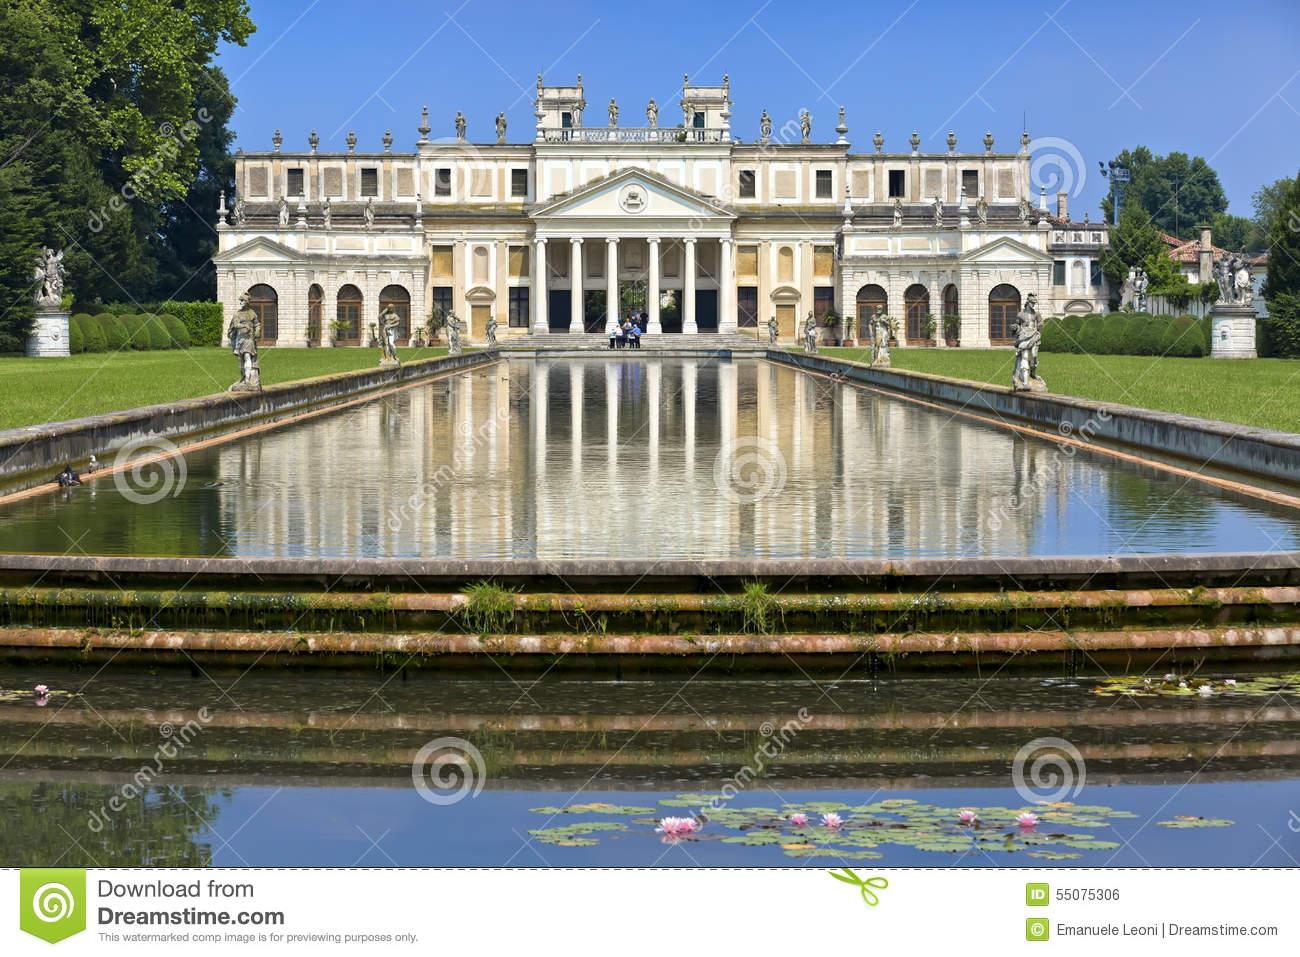 villa-pisani-(italie 2016.jpg